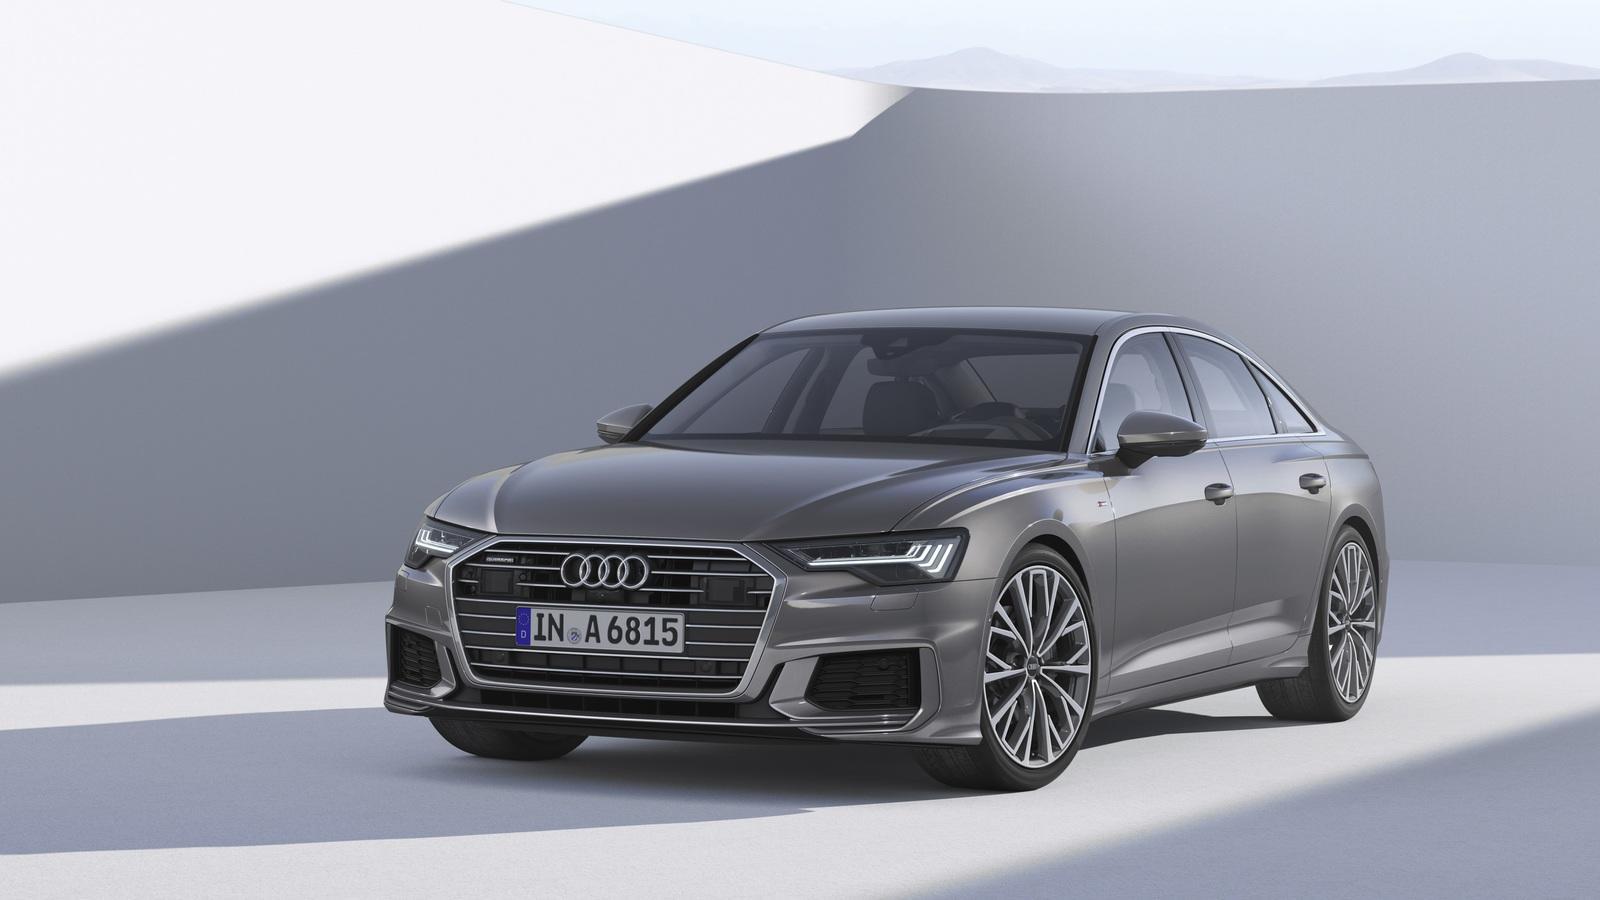 Kelebihan Kekurangan Audi A6 2019 Review